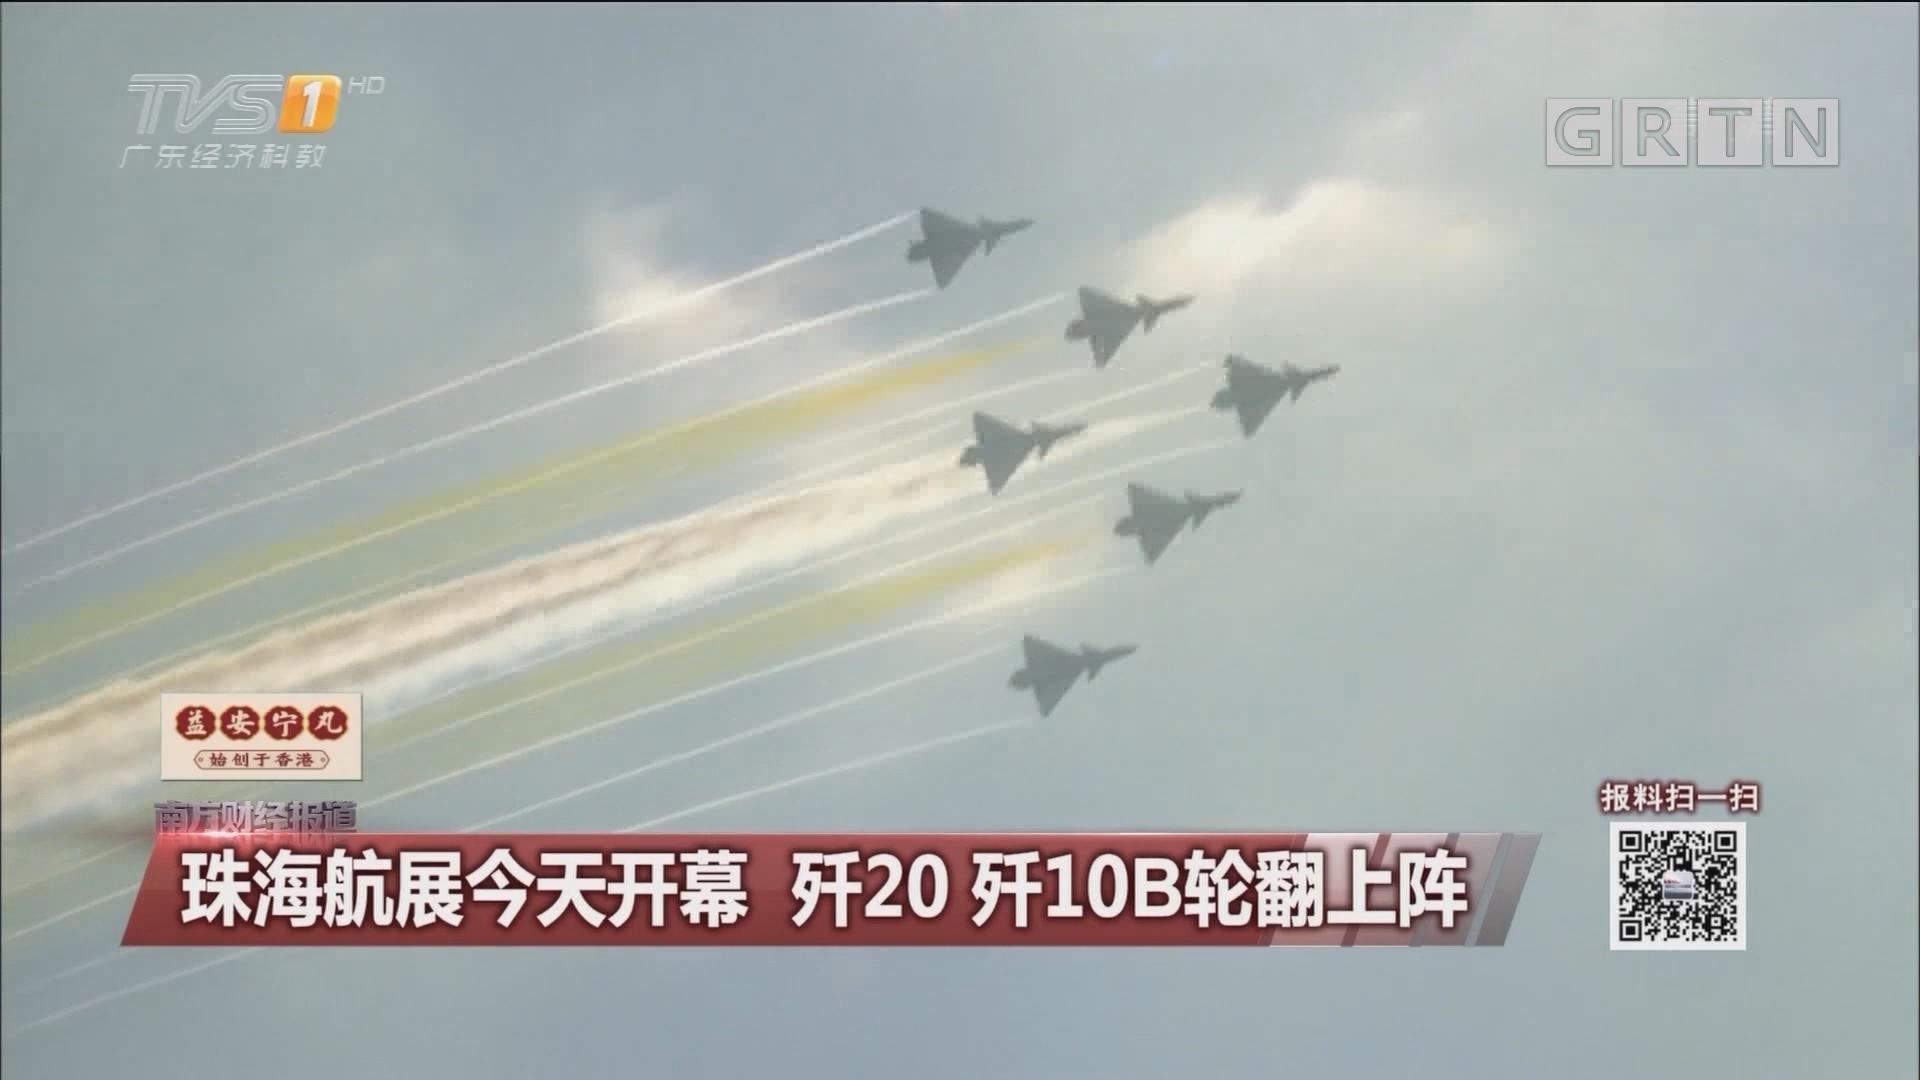 珠海航展今天开幕 歼20 歼10B轮翻上阵